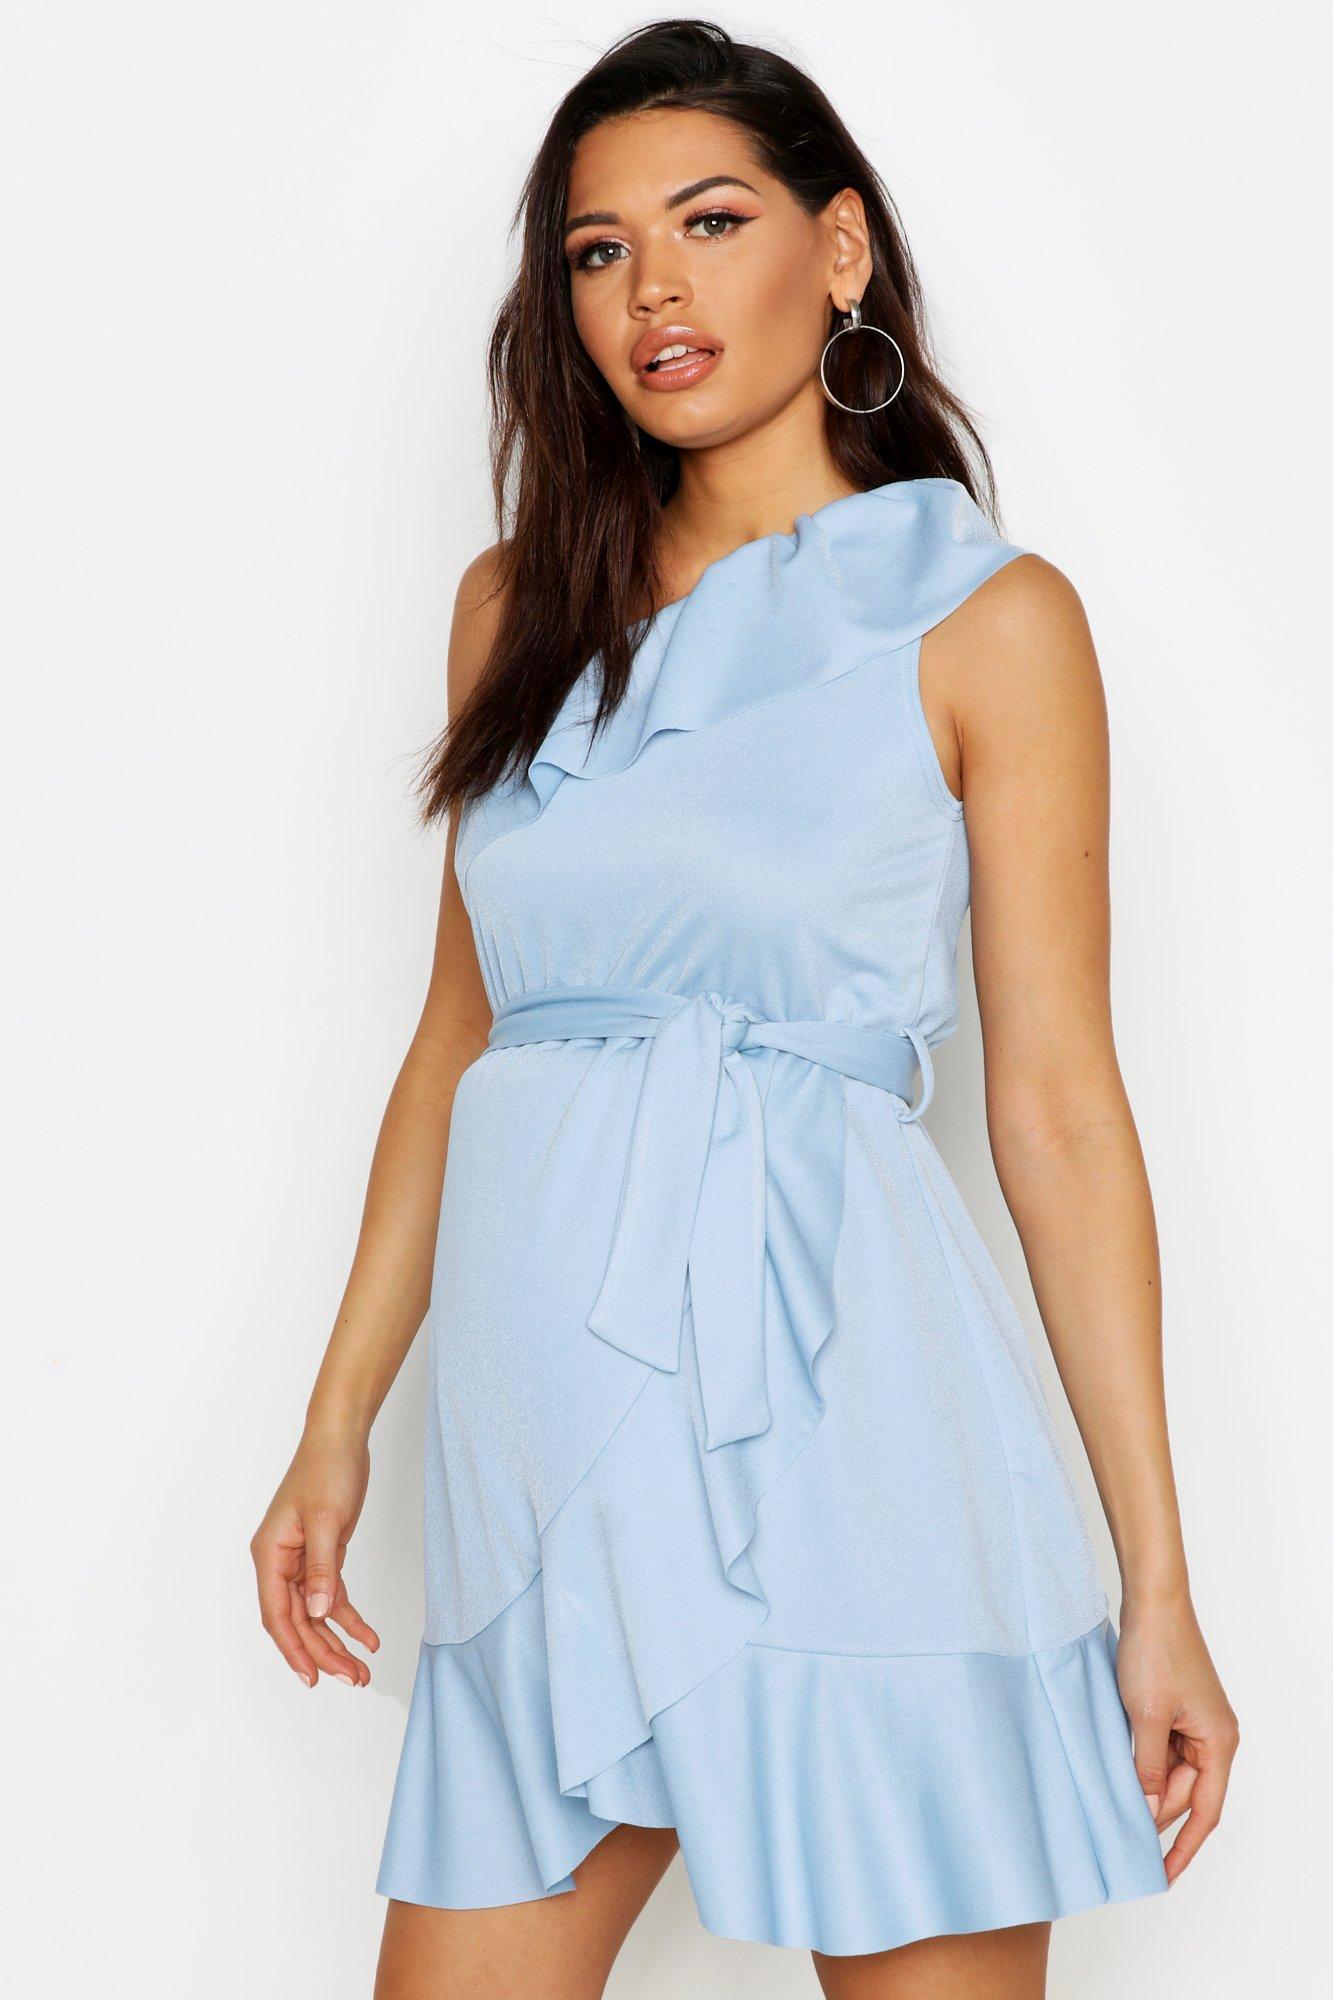 Купить со скидкой Платье с оборками и открытым плечом для беременных